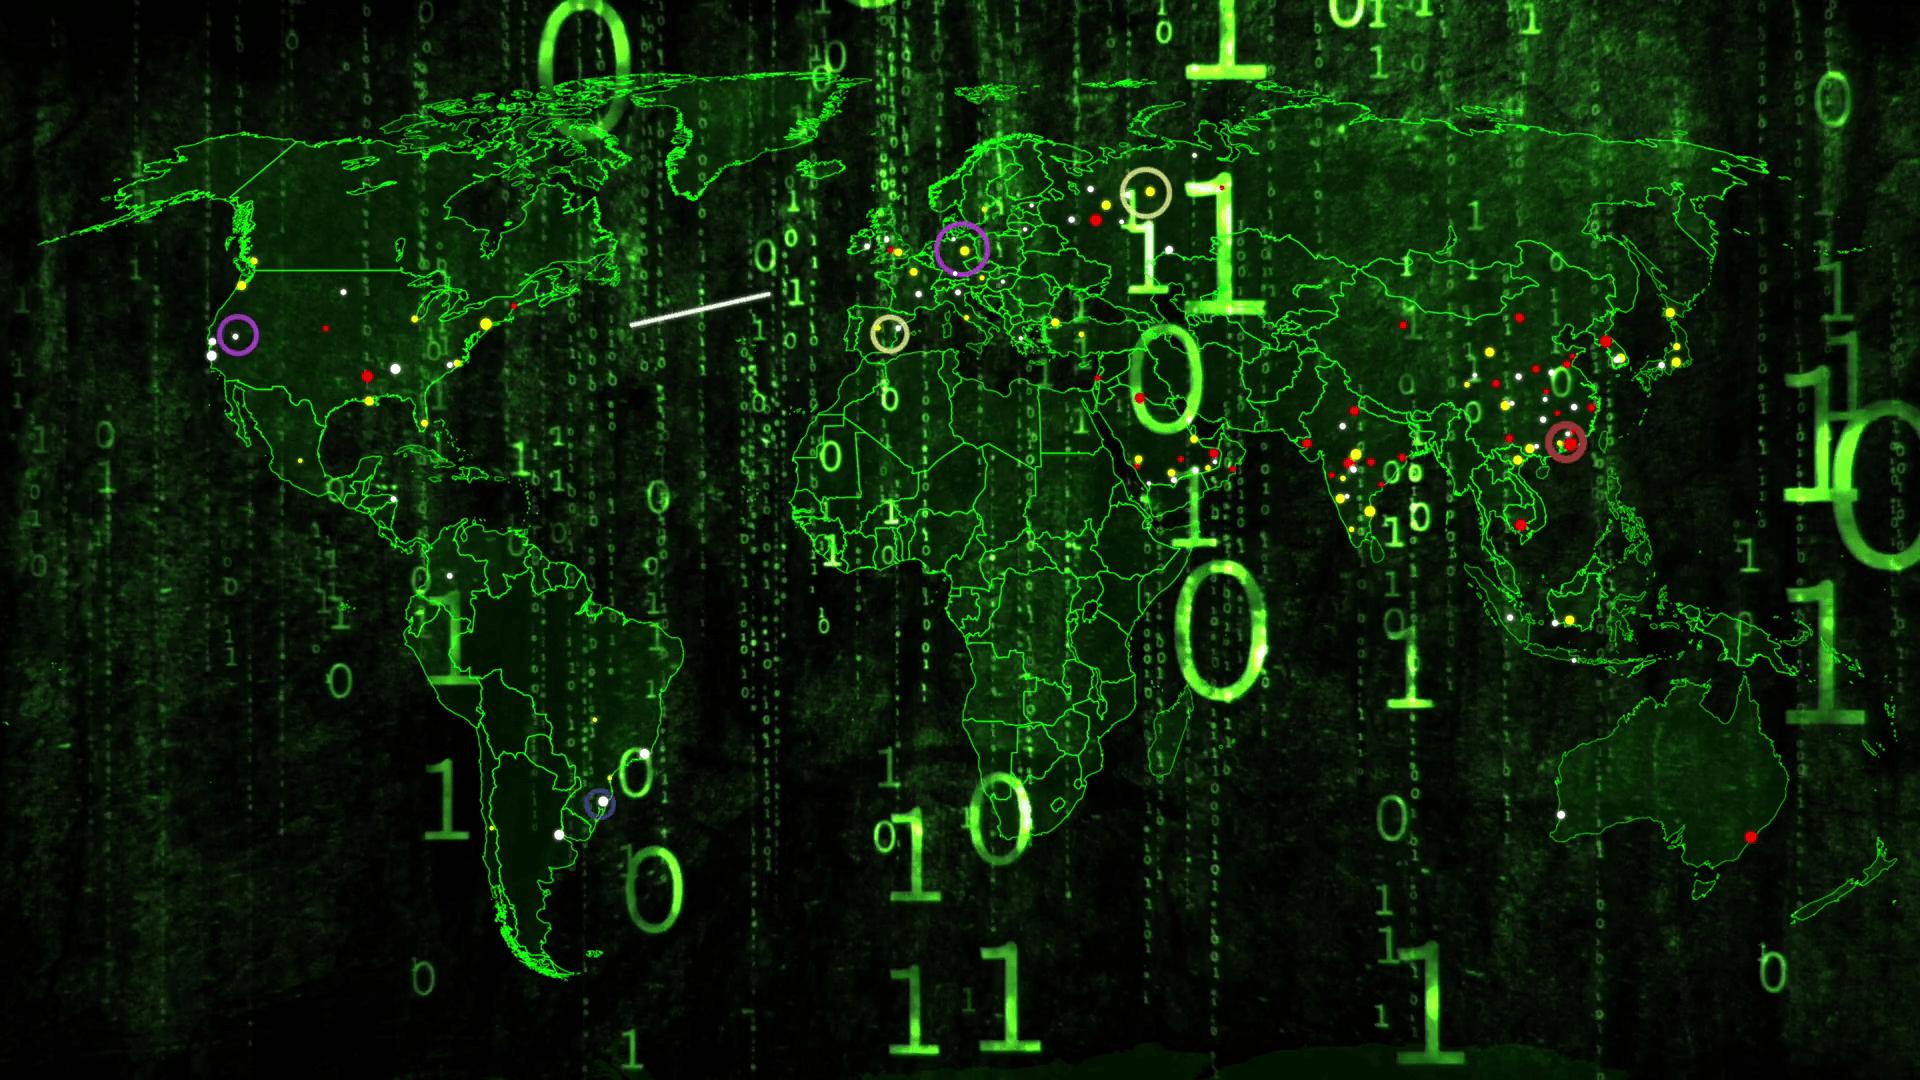 Metasploit для начинающего хакера. Установка фальшивого SMB-сервера для перехвата паролей ( Часть 8)